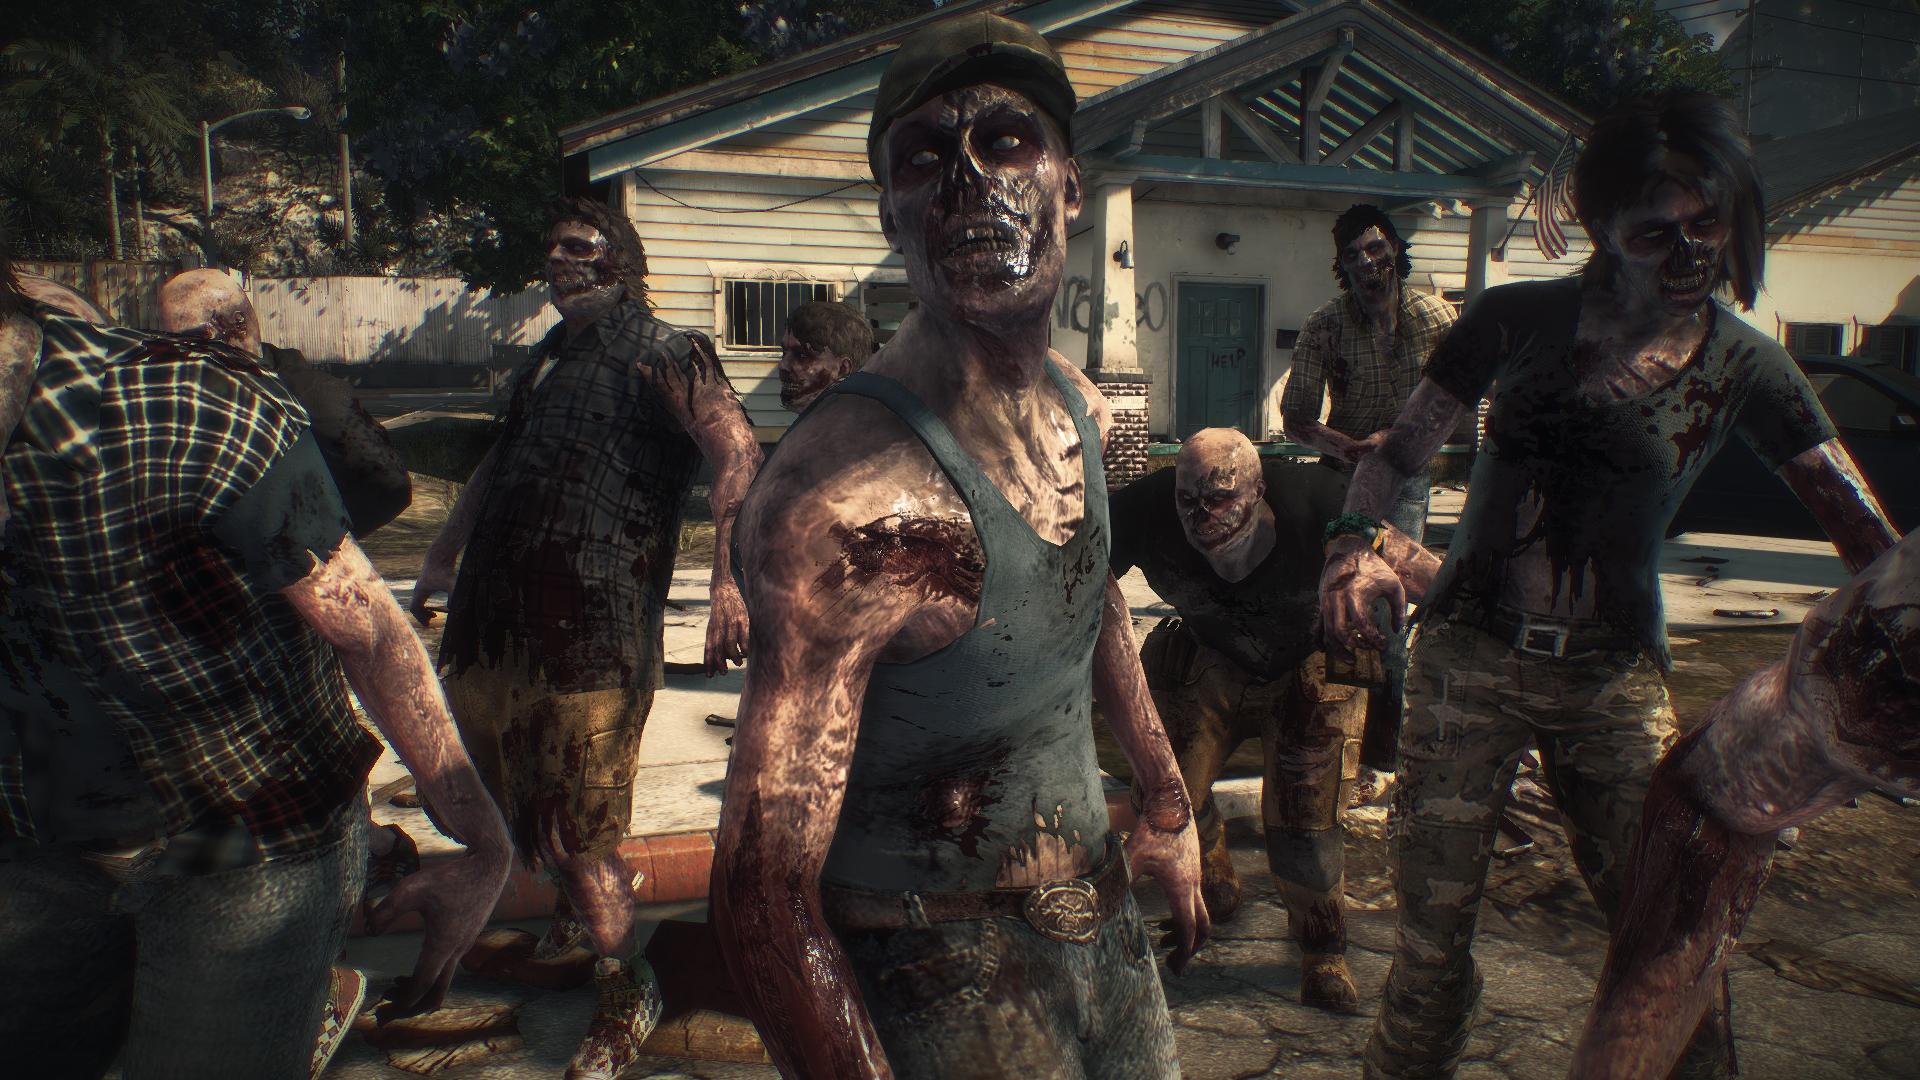 Dead Rising 3 de Xbox One: Tráiler con la moto más letal del mundo